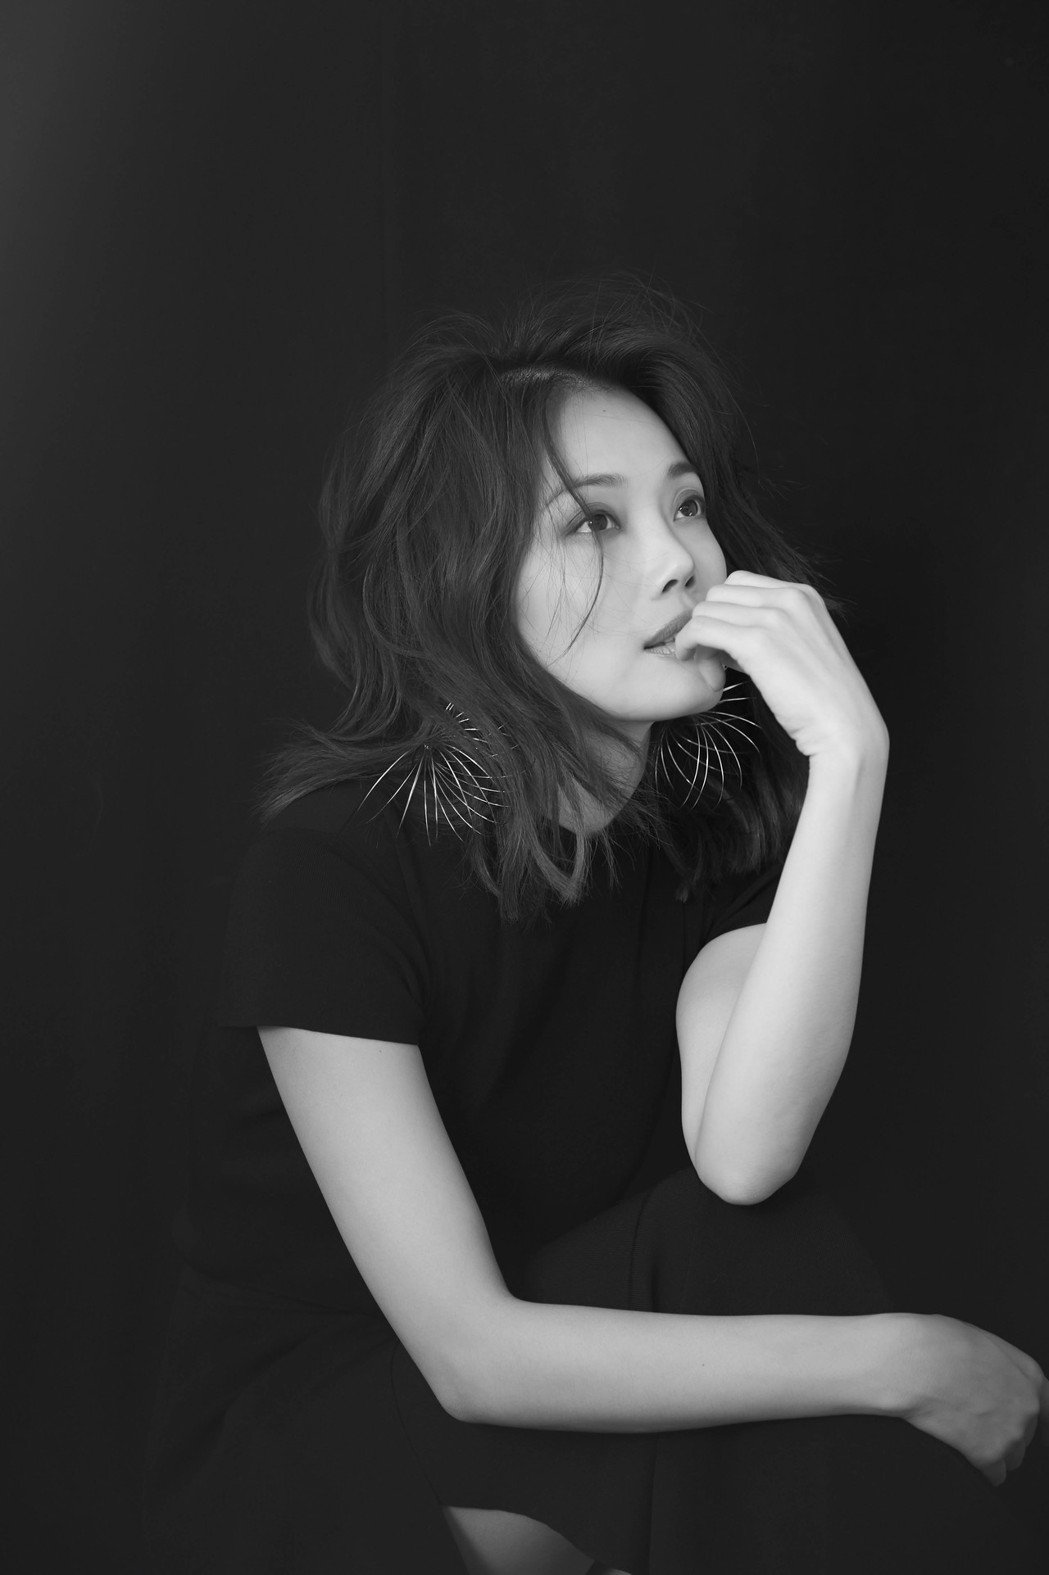 容祖兒10月19日將推出國語專輯「答案之書」。圖/英皇娛樂提供